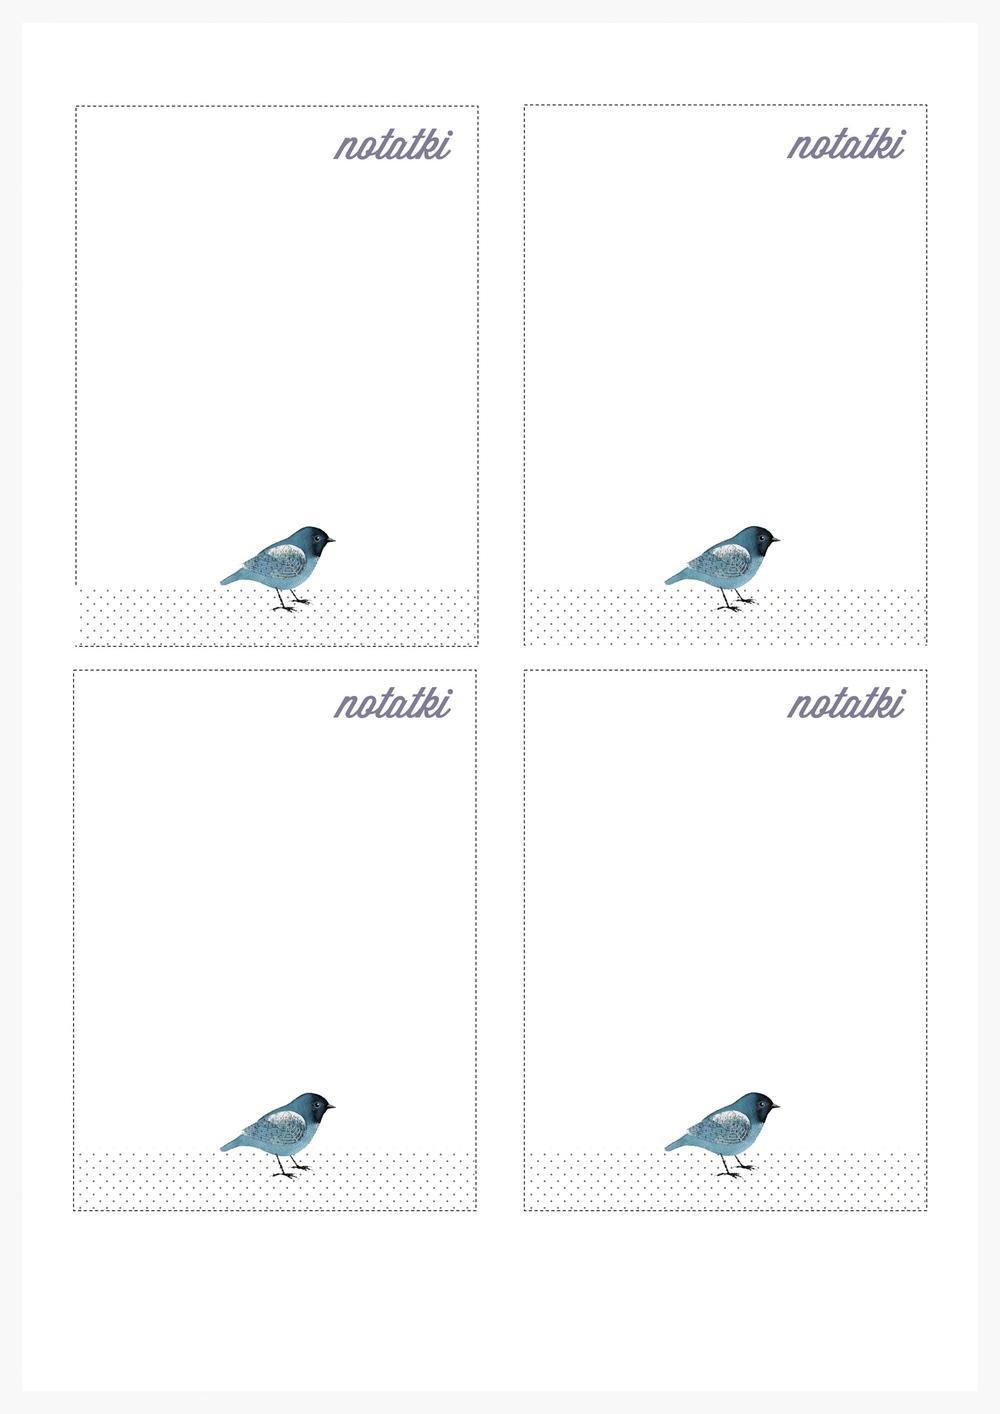 2014-05 - Notatki.jpg